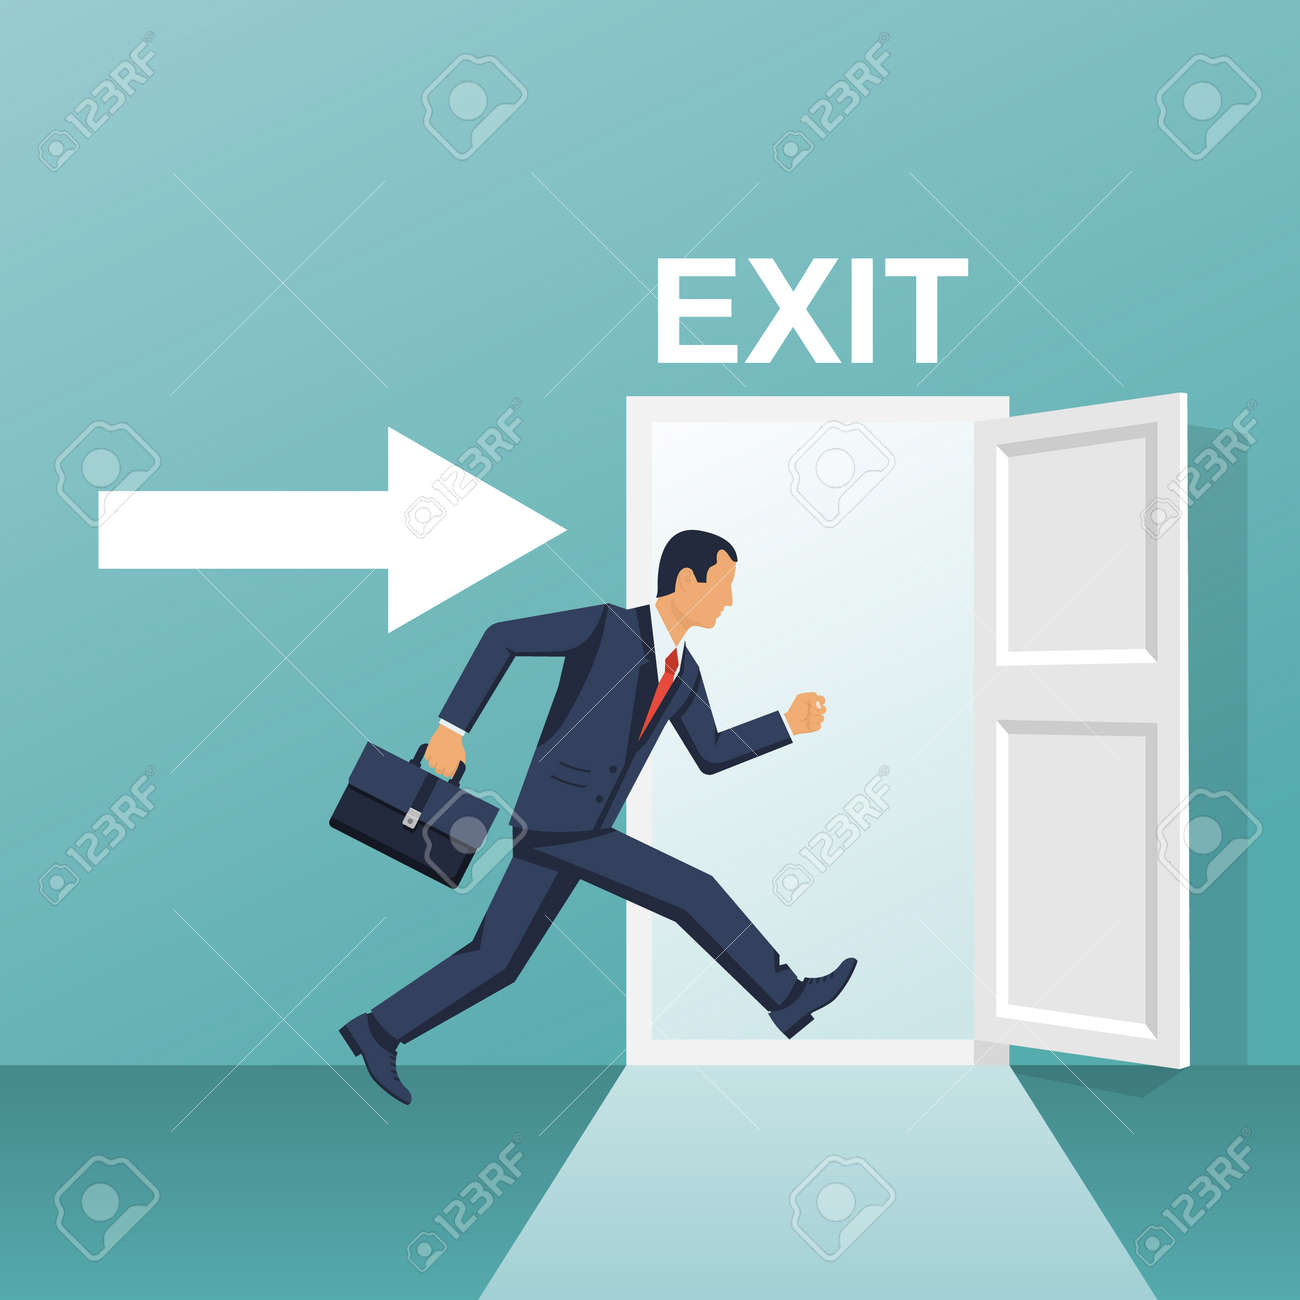 Businessman runs into open door - 95016408